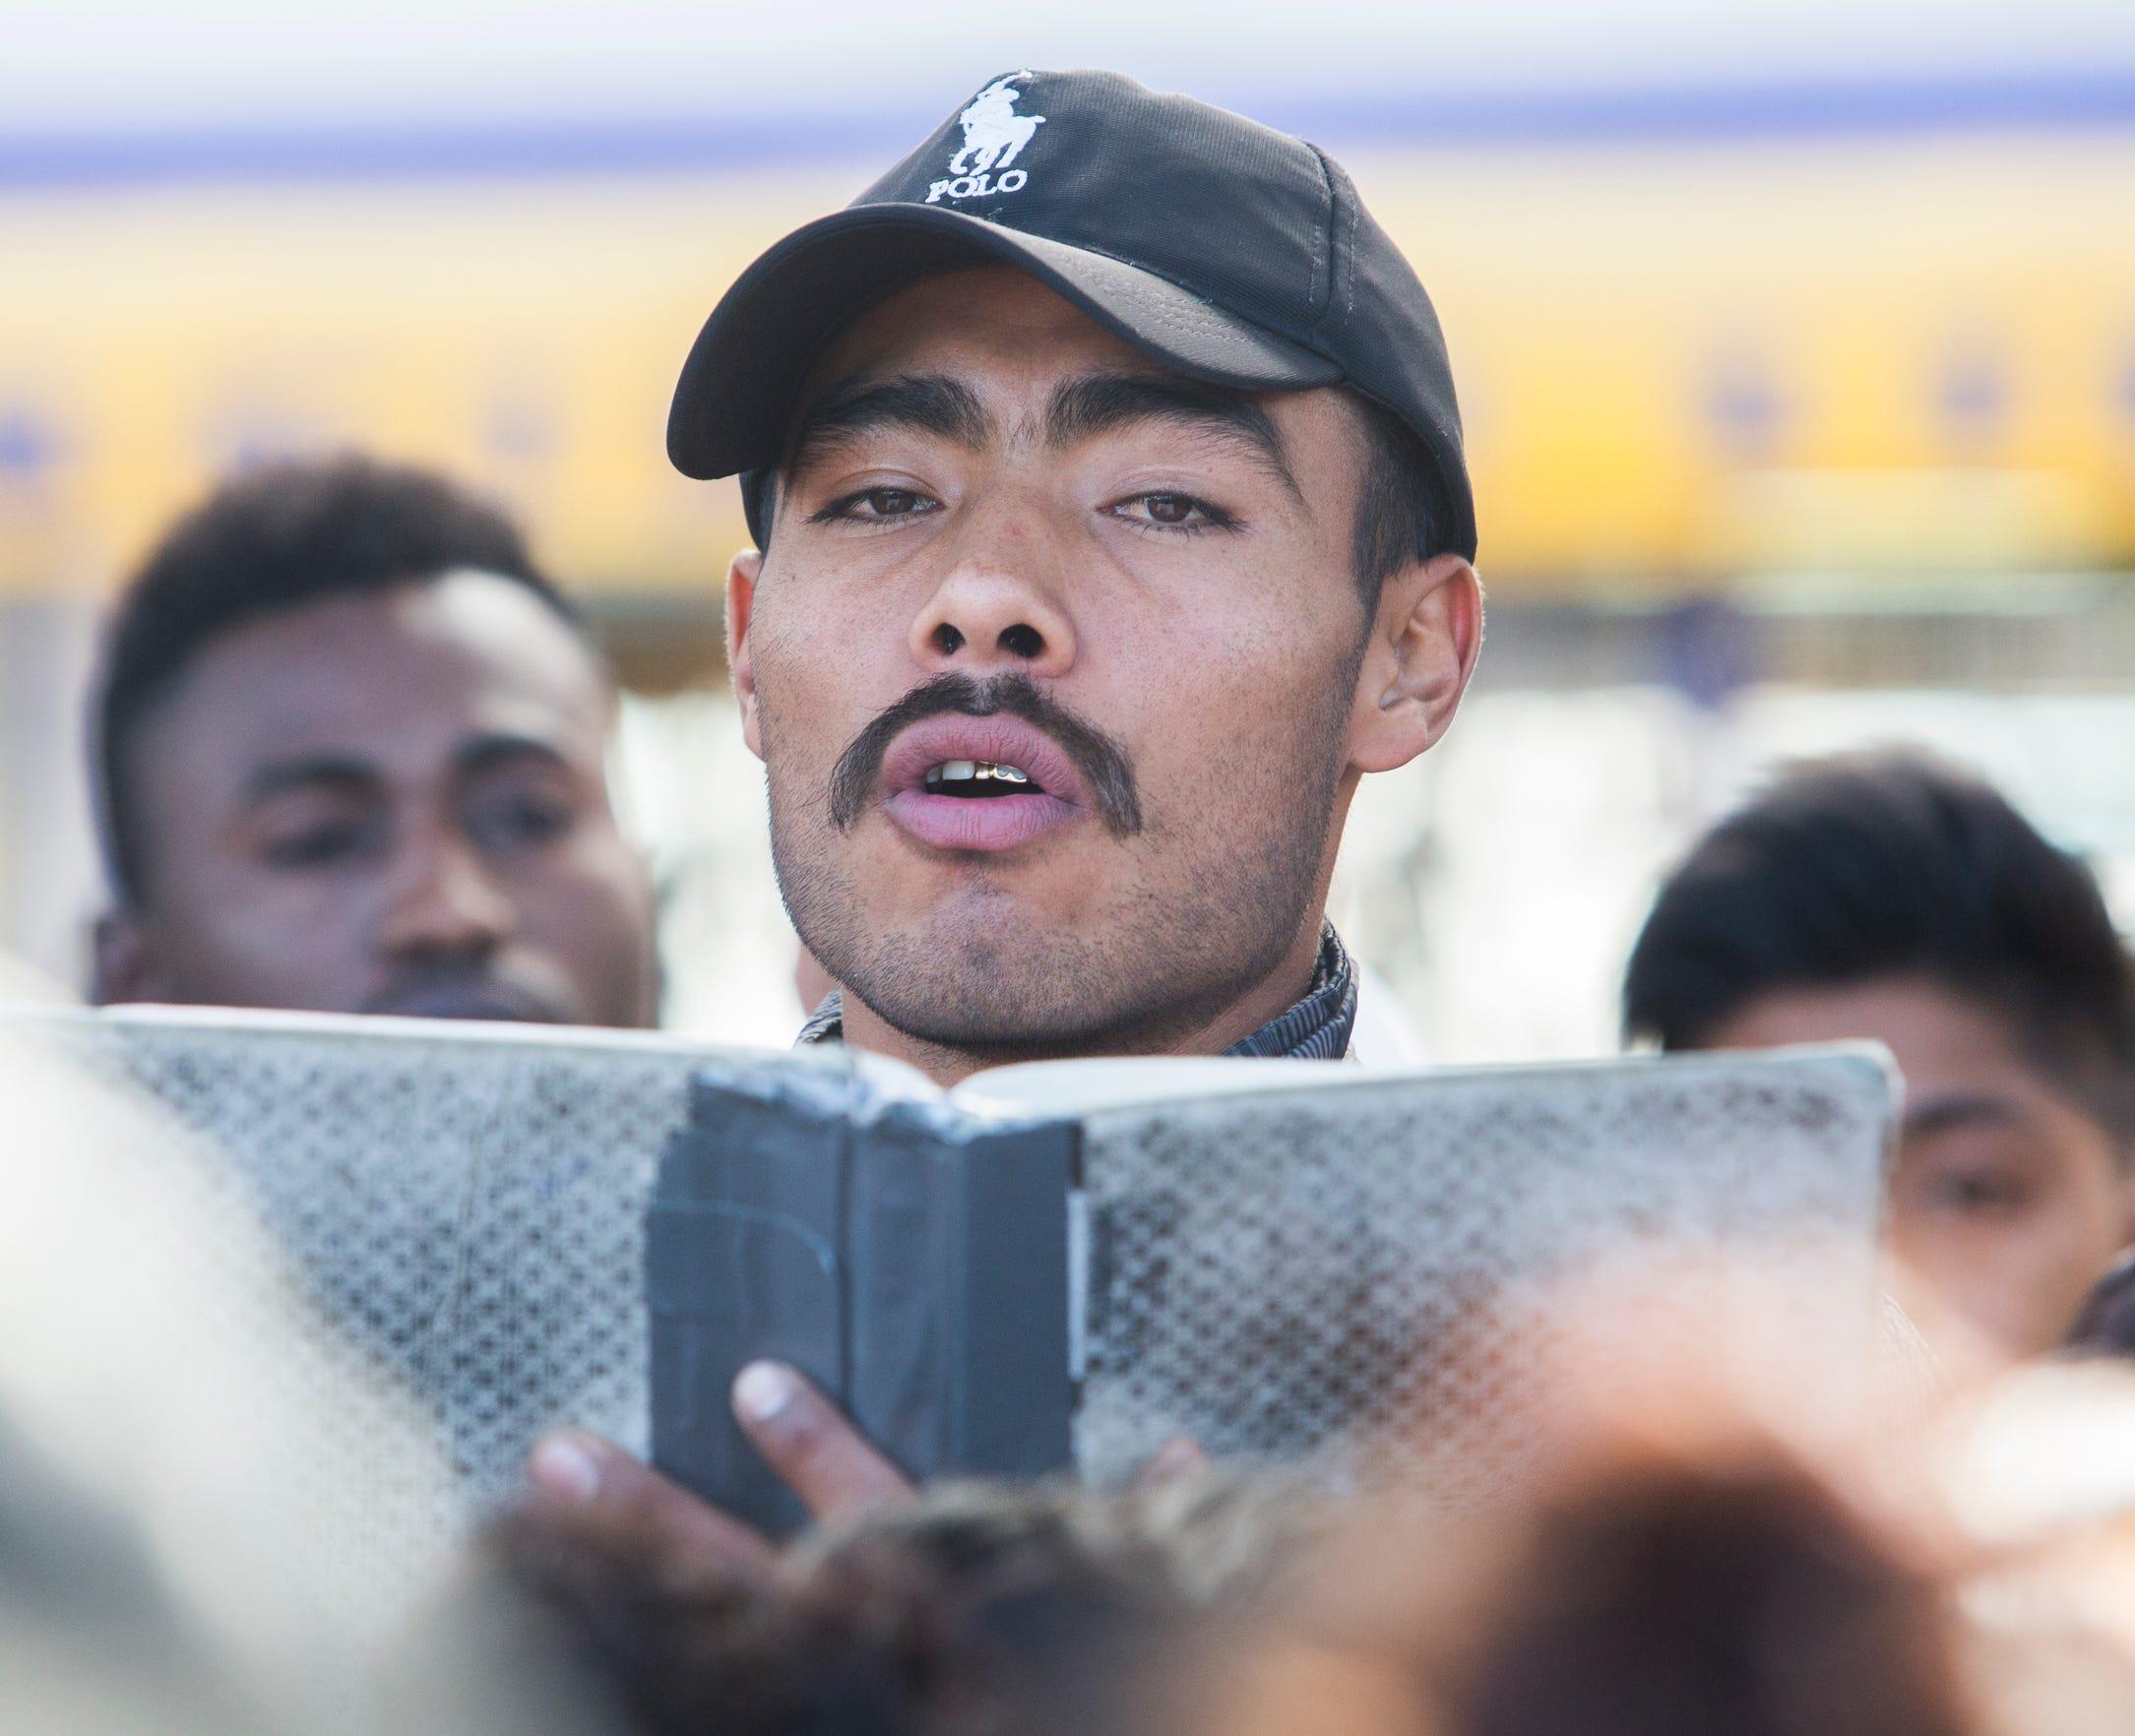 En noviembre de 2018, Yovani, un migrante que viajó desde Michoacán a Tijuana, lee en voz alta los nombres de los solicitantes de asilo que serán entrevistados por funcionarios de Aduanas y Protección Fronteriza de los Estados Unidos ese día.